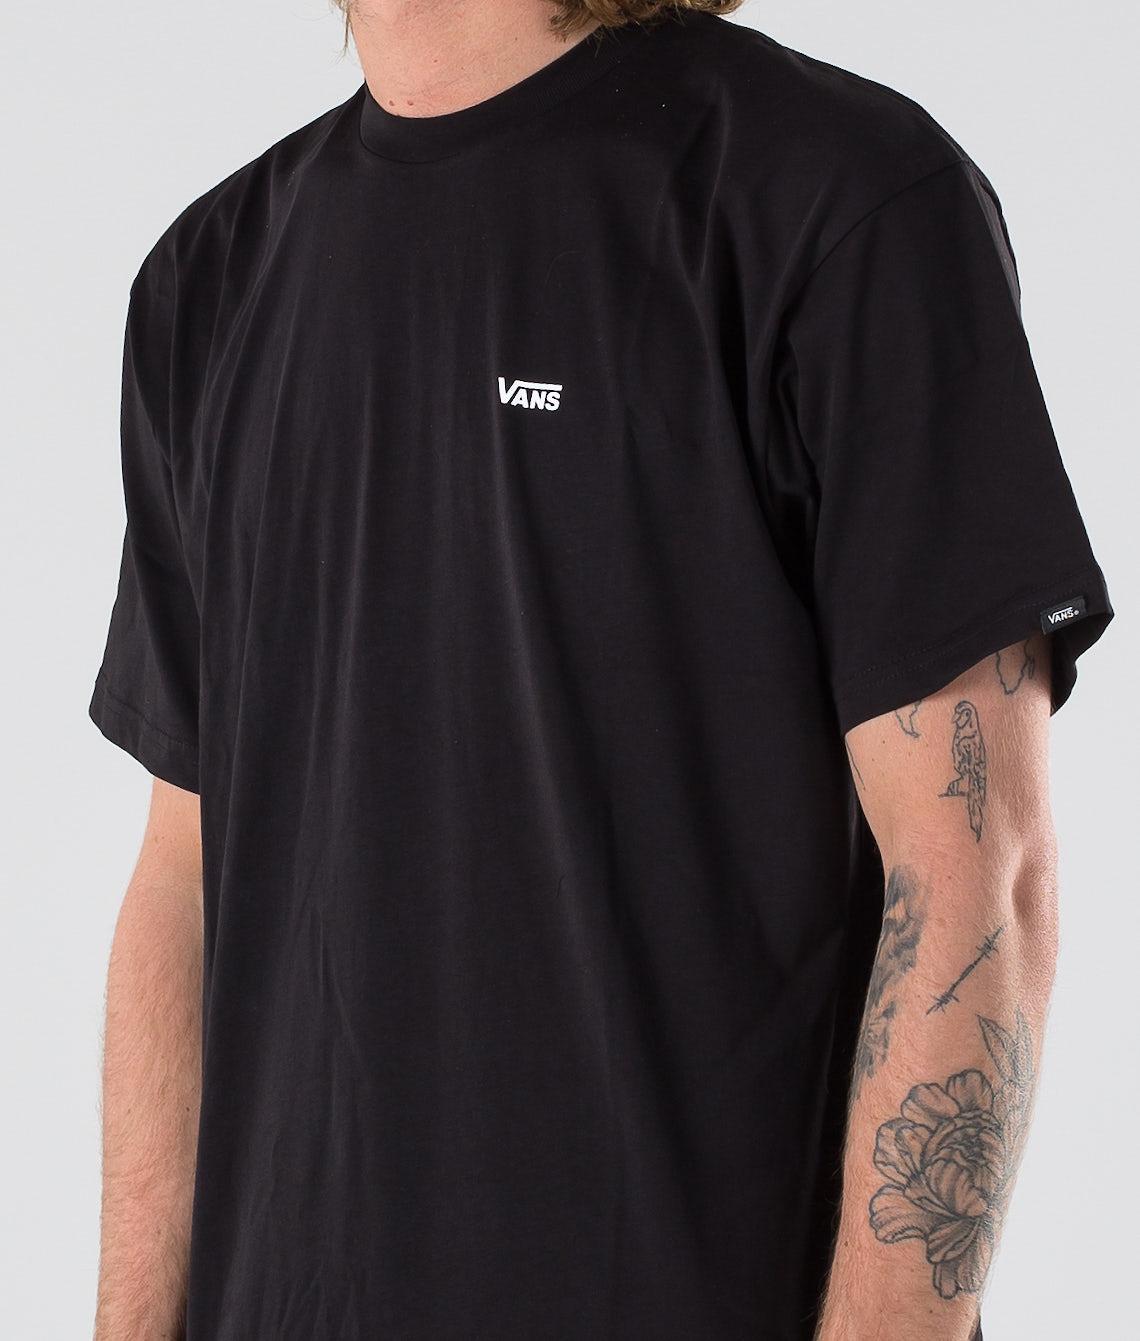 Vans Left Chest Logo Tee T-shirt Black/White